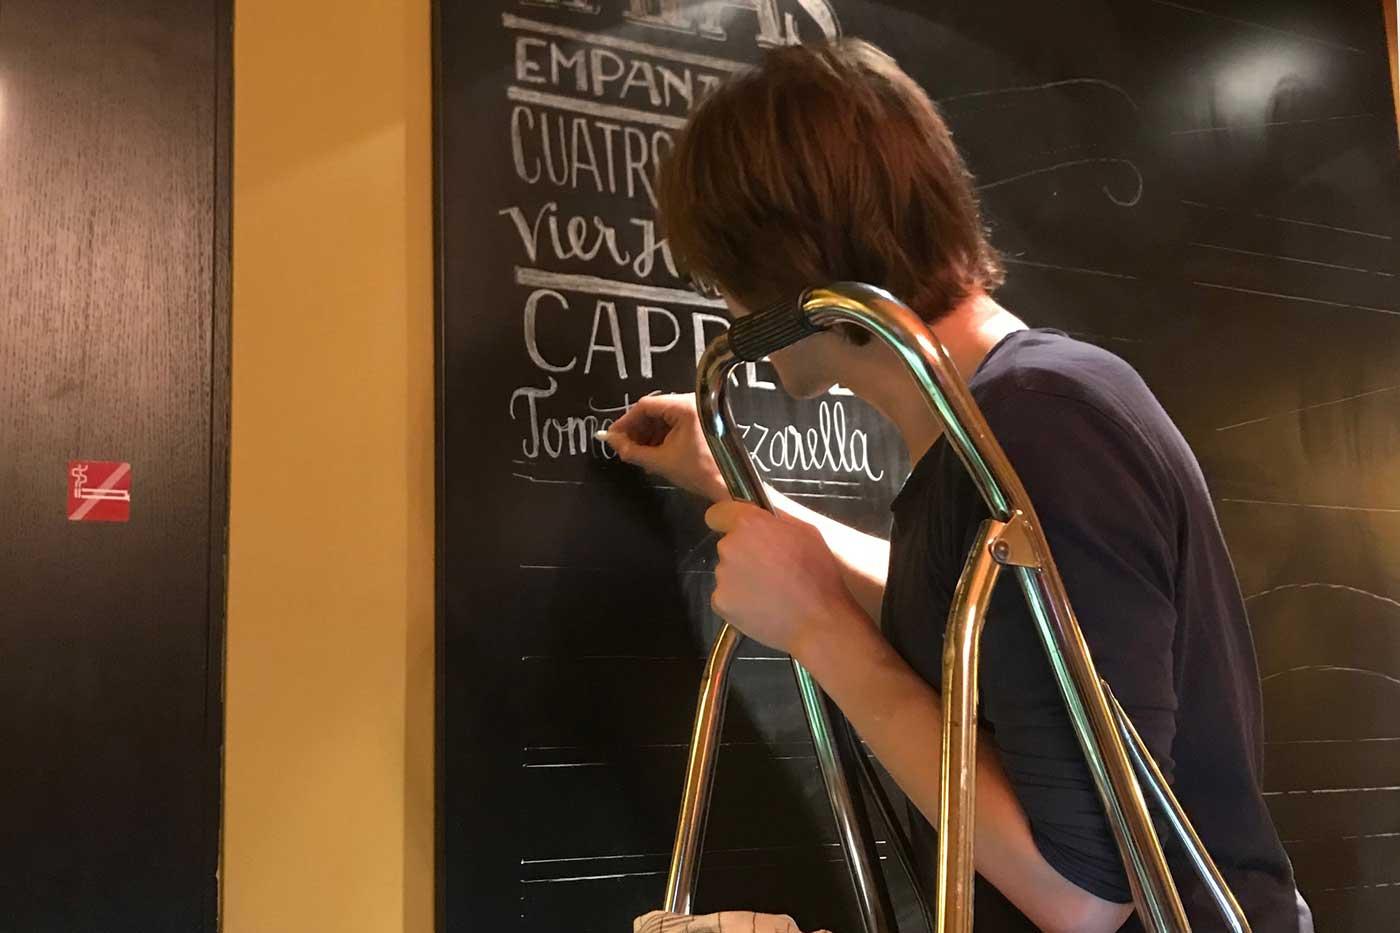 Lettering on a blackboard